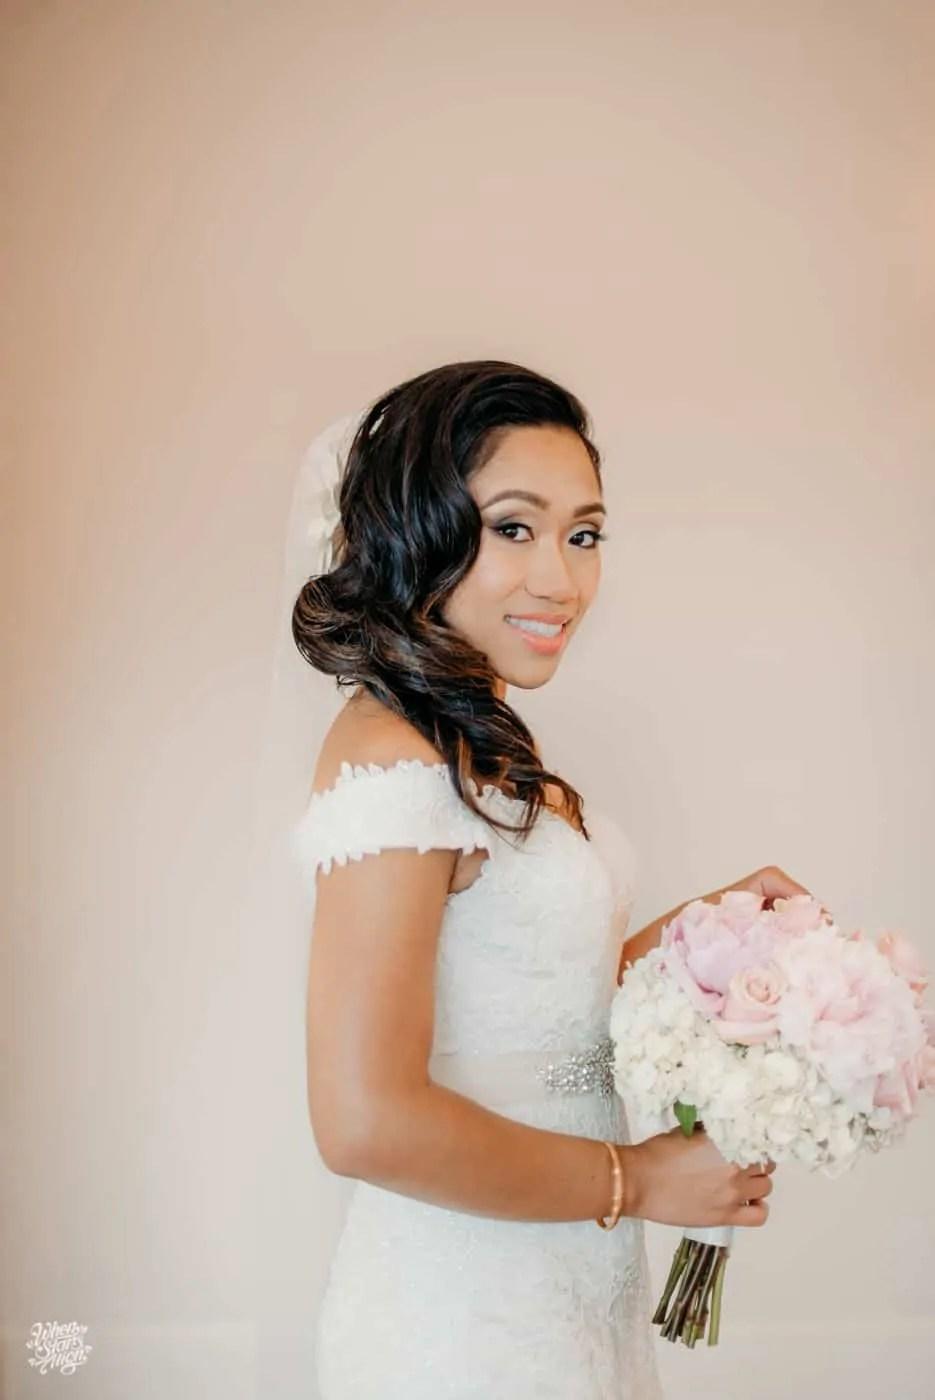 zach-diana-wedding-31